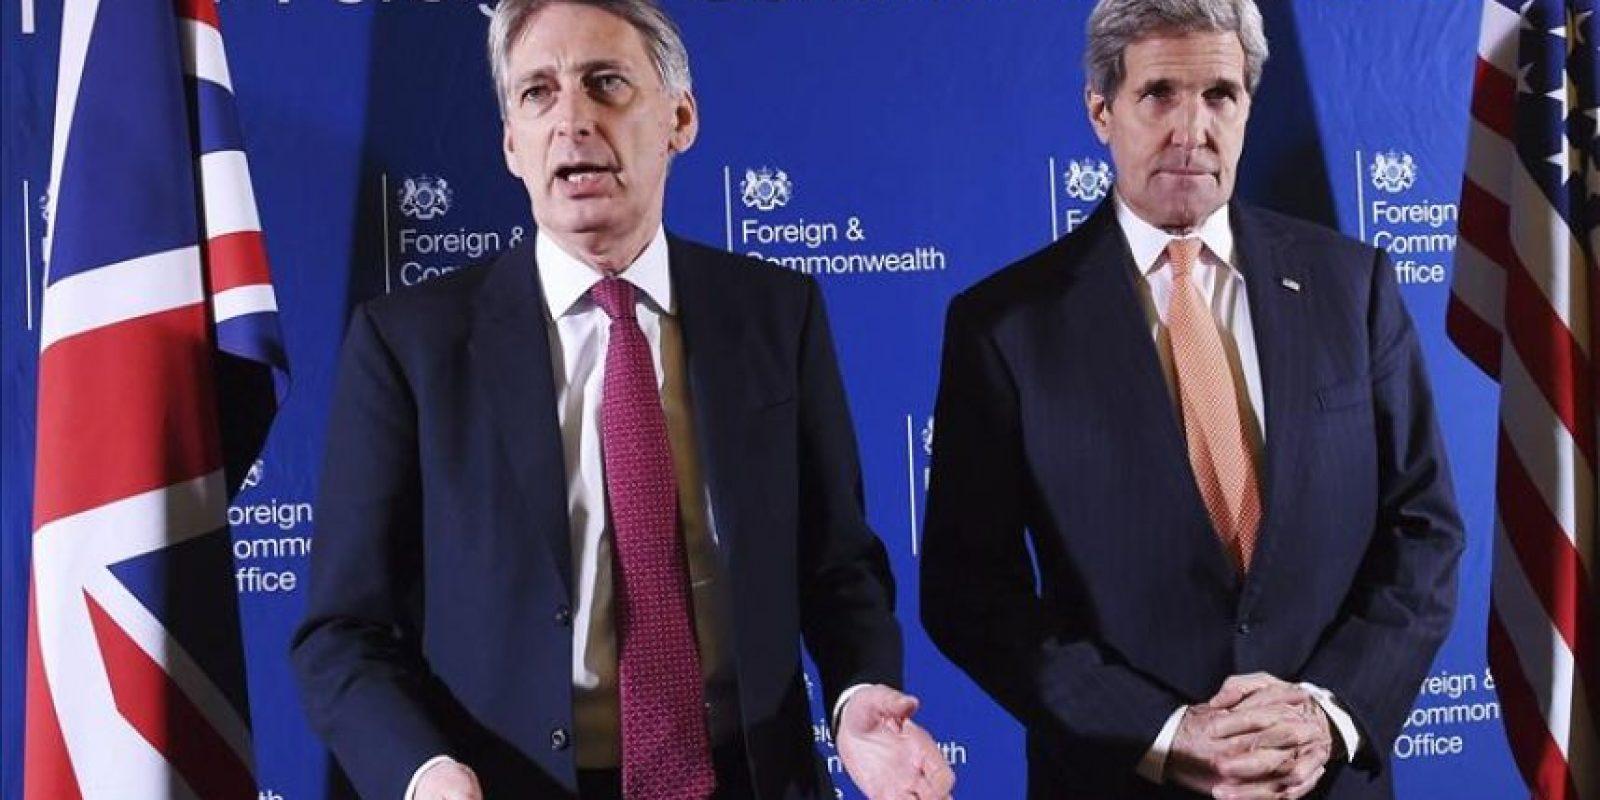 El ministro de Exteriores británico, Philip Hammond (izq), y el secretario de Estado de EE.UU., John Kerry, durante su participación en una reunión sobre el grupo yihadista Estado Islámico (EI) en Londres. EFE